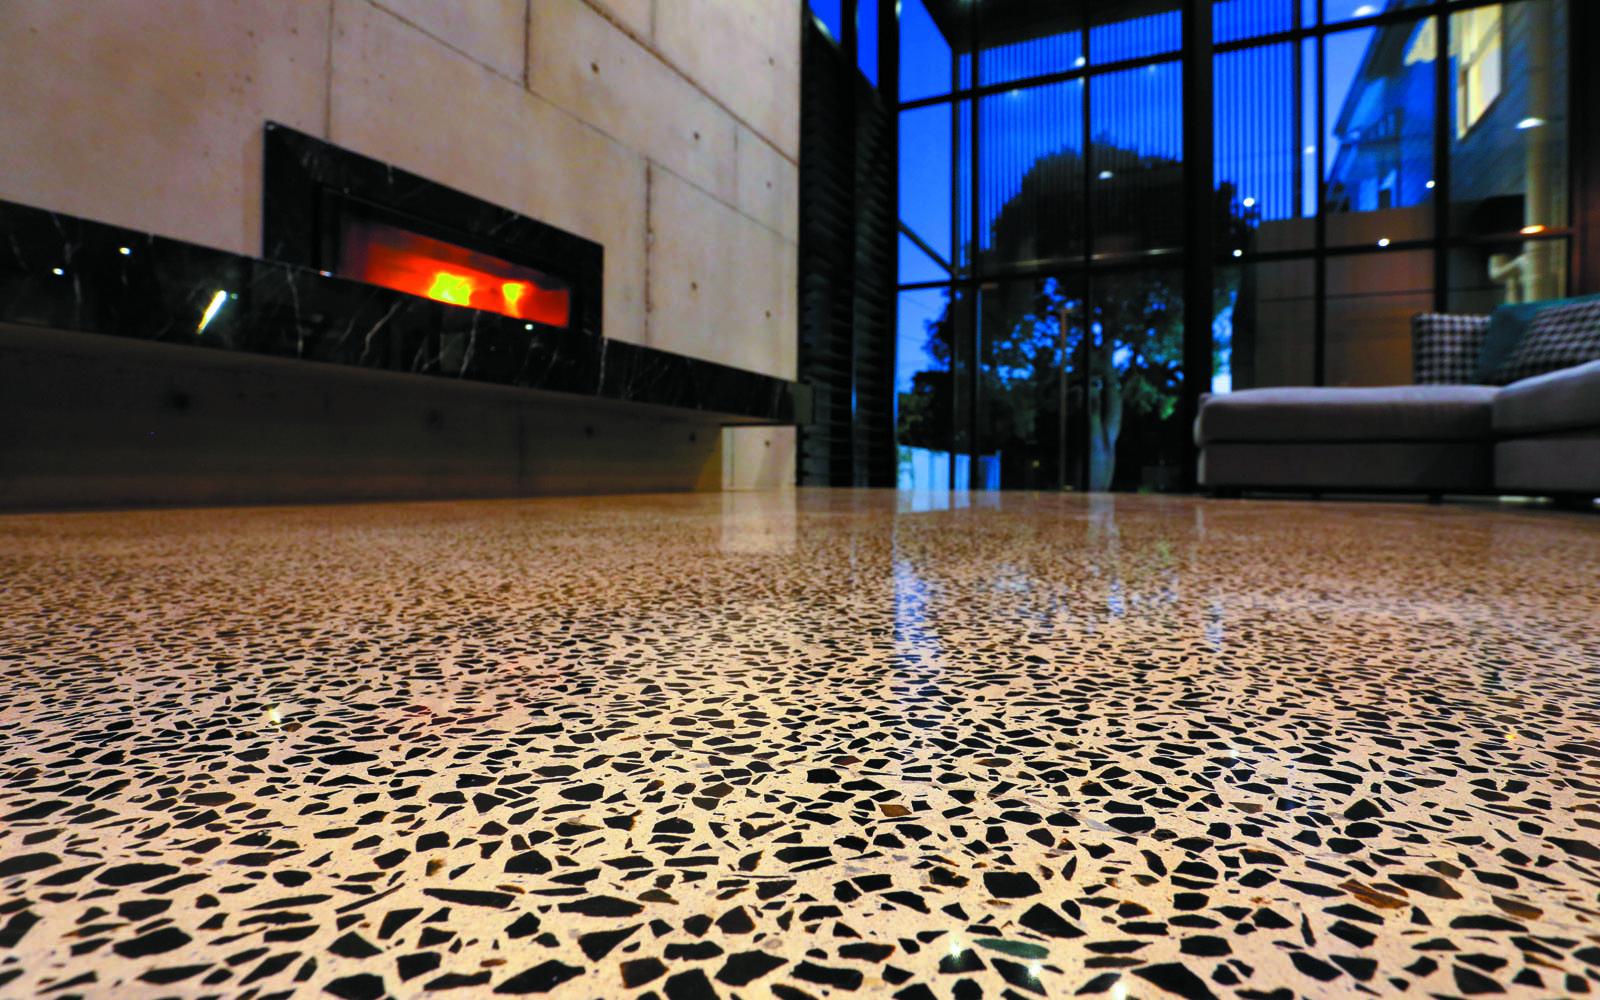 Decorative Concrete: A fine finish | Holcim Australia